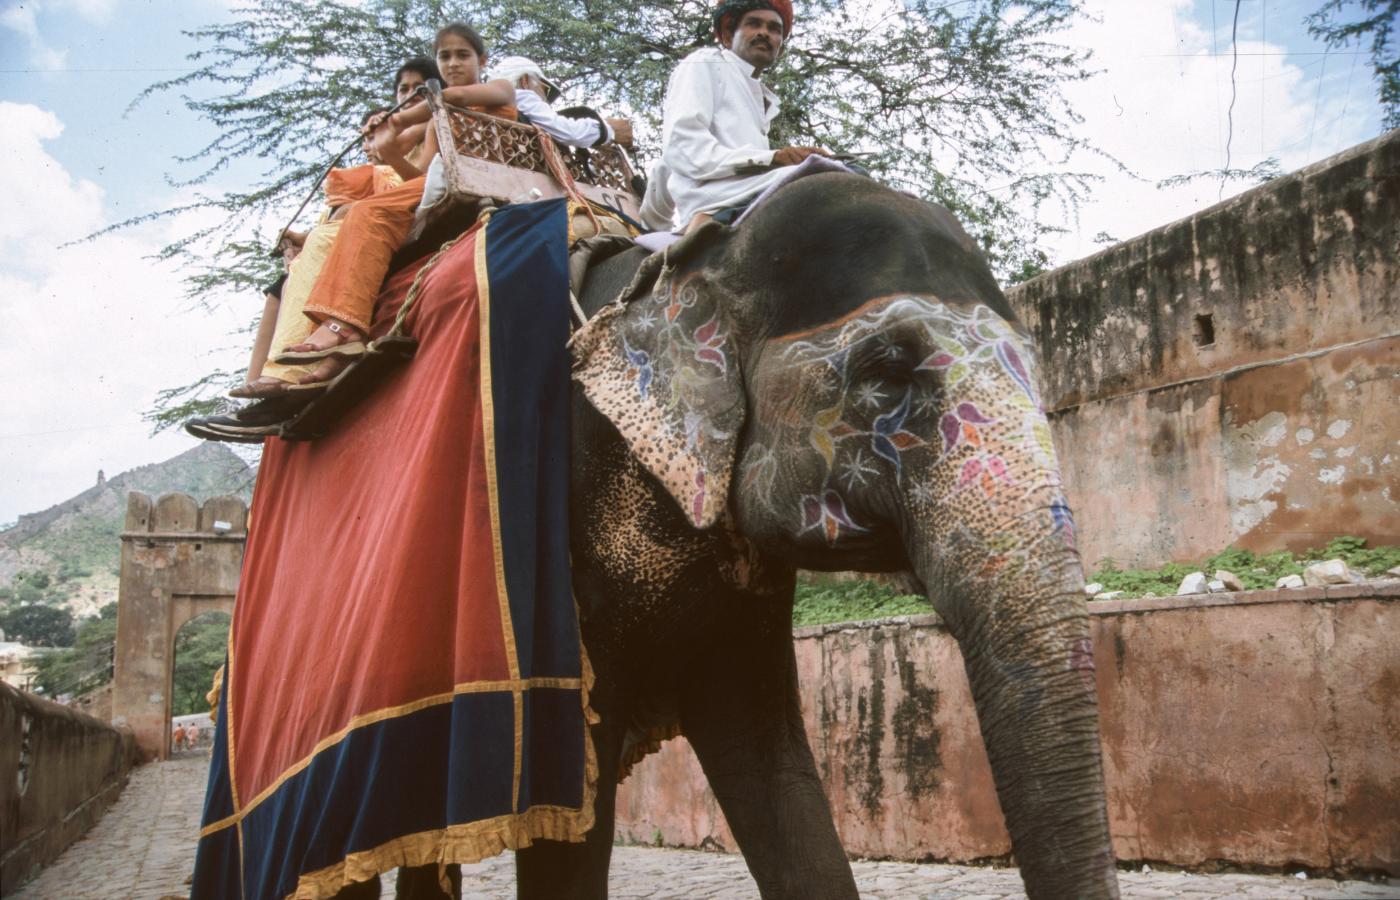 riding-an-elephant-jaipur-2003